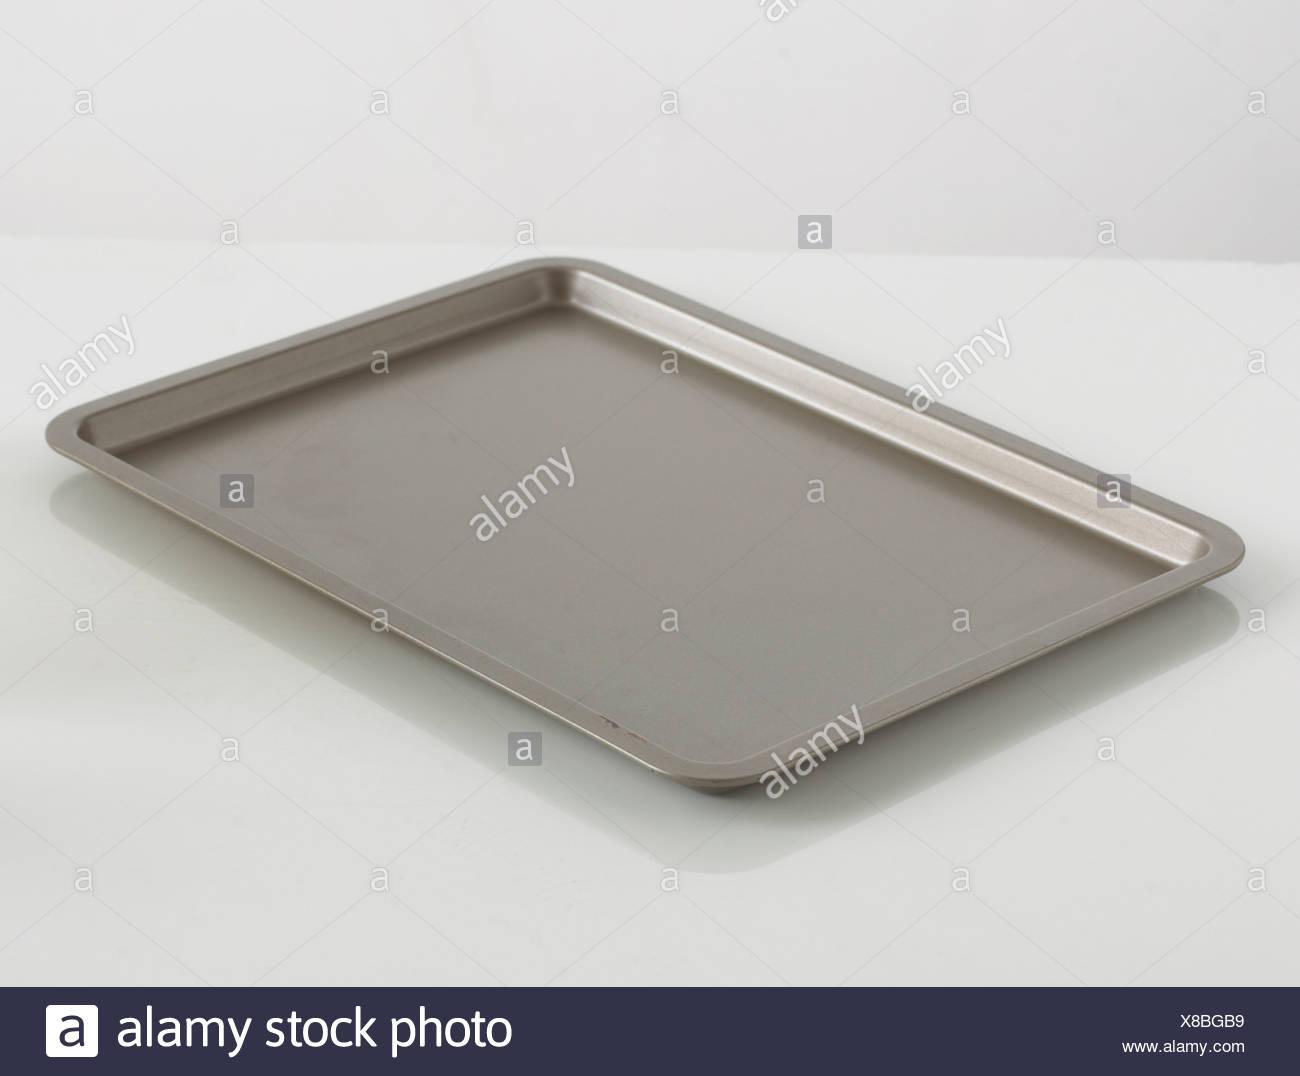 Baking tray on white background - Stock Image